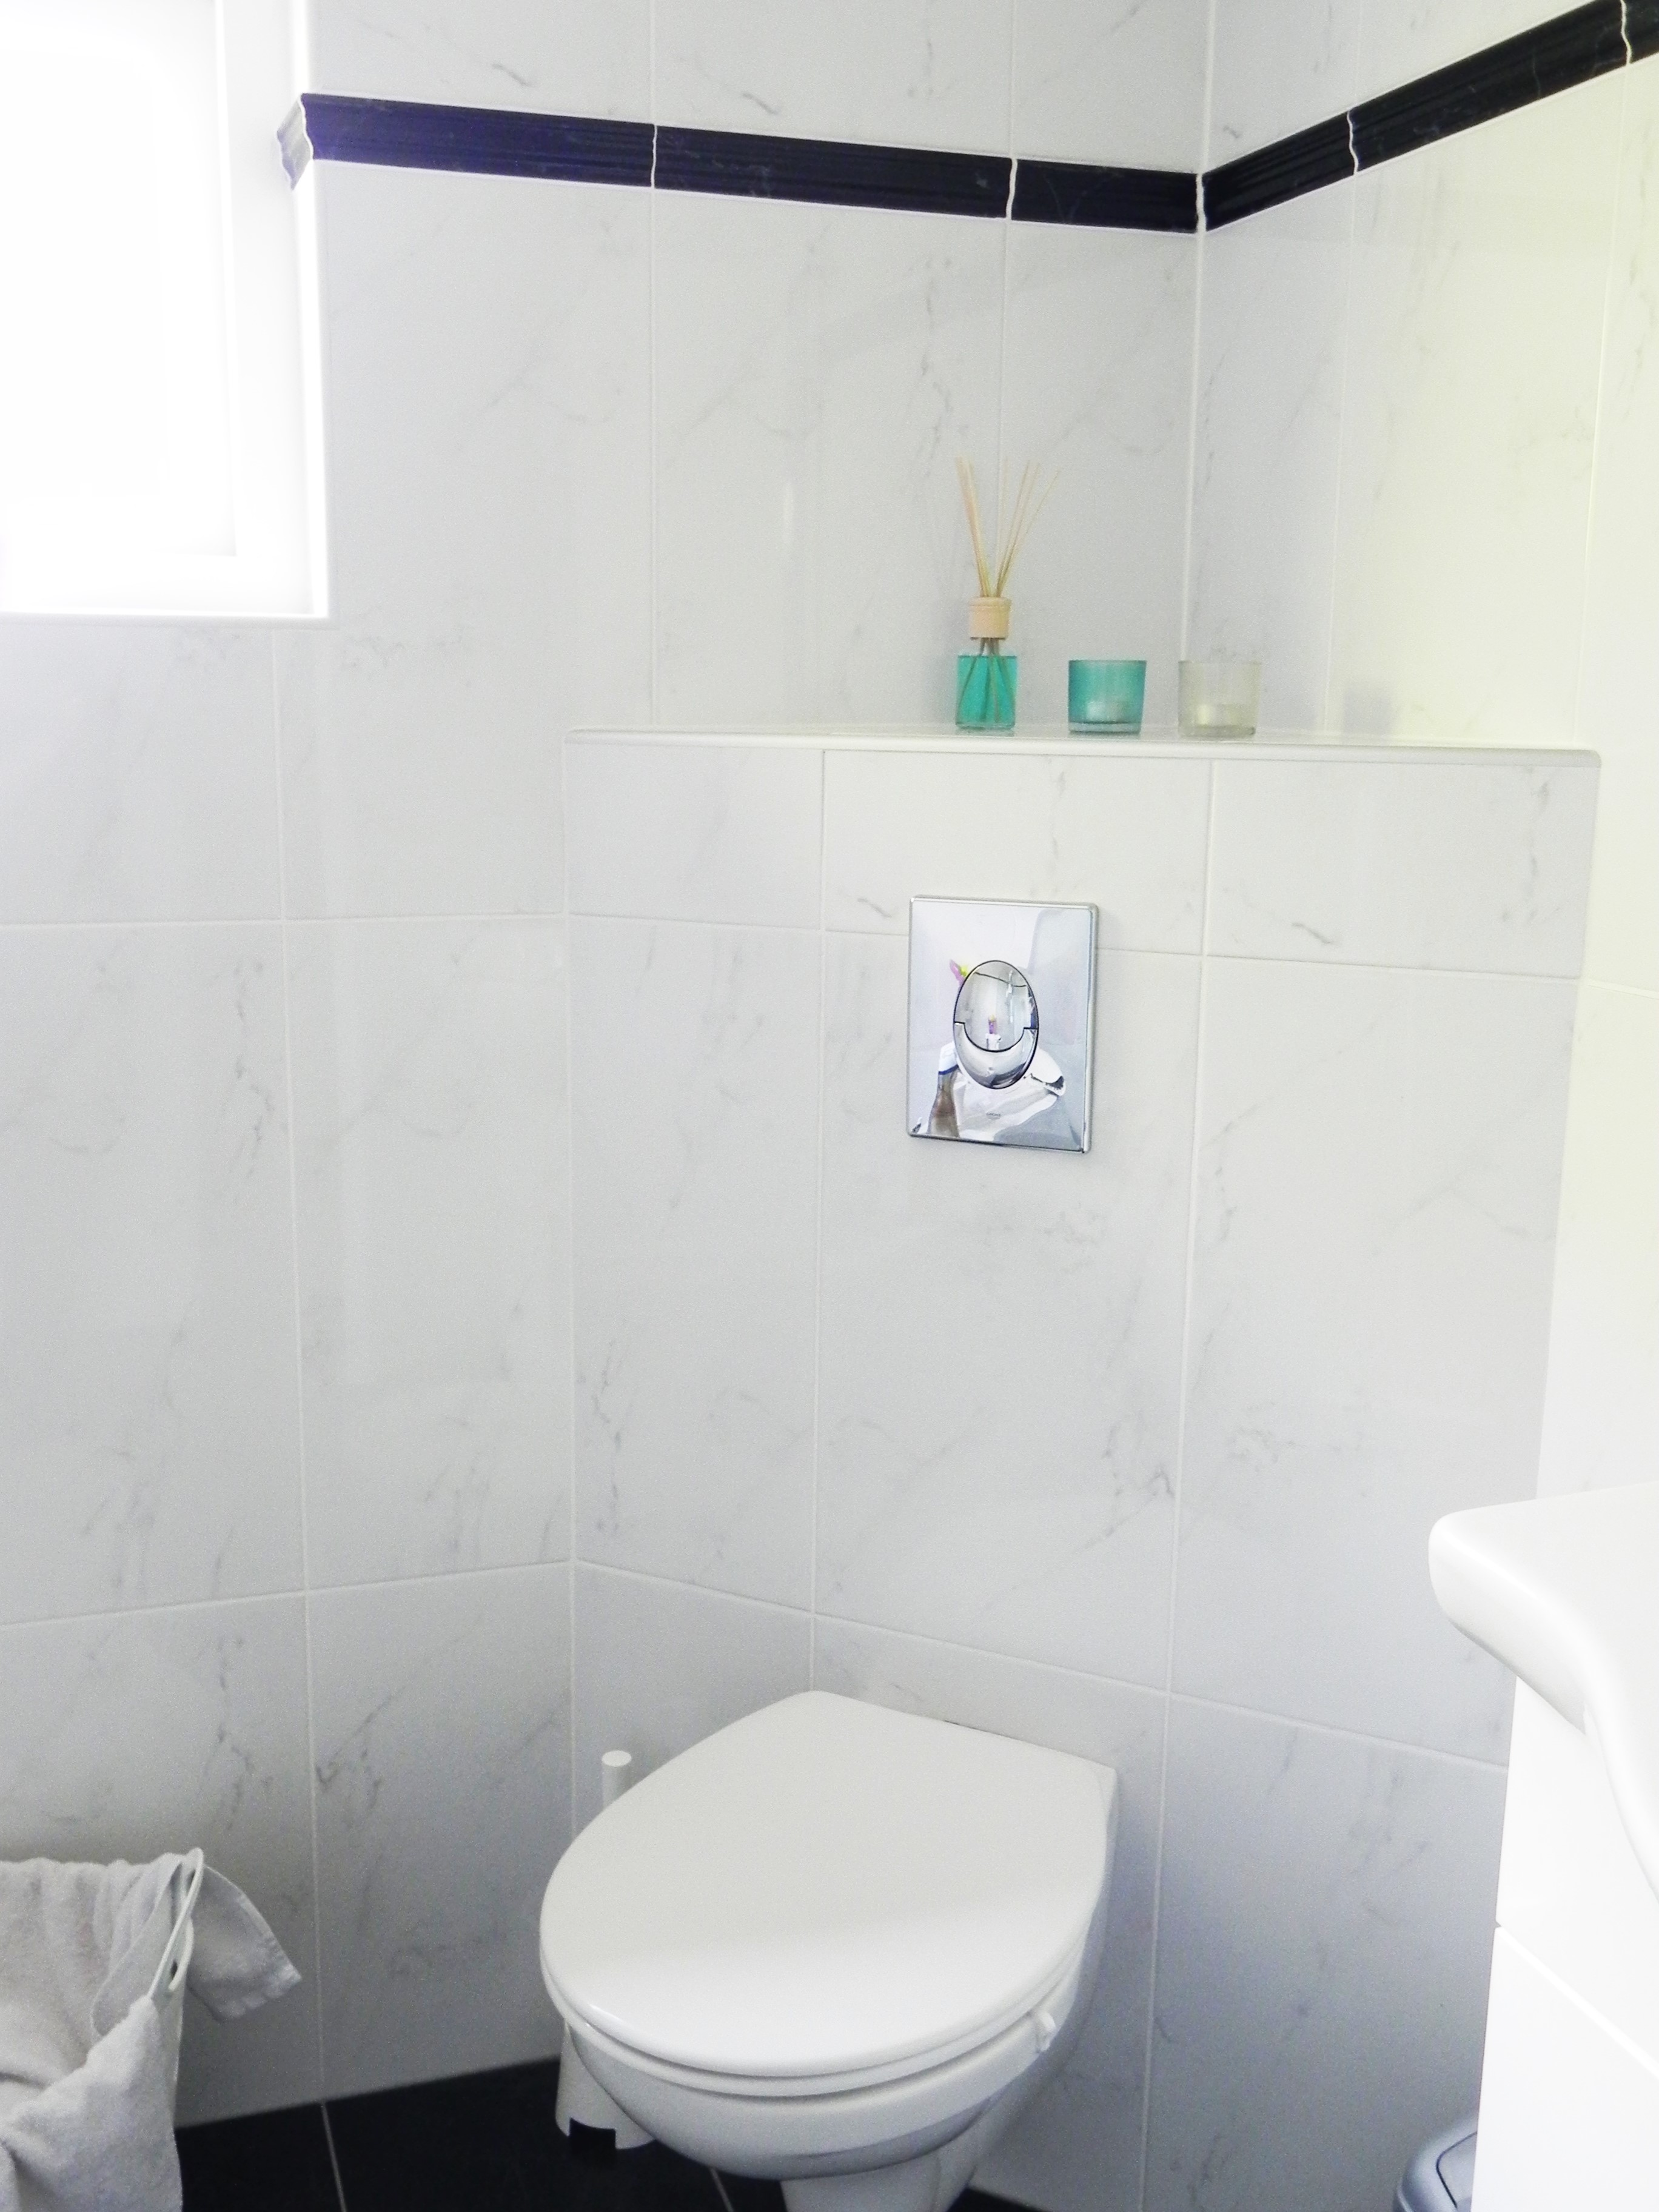 Je badkamer stylen budget tips la log - Sfeer zen badkamer ...